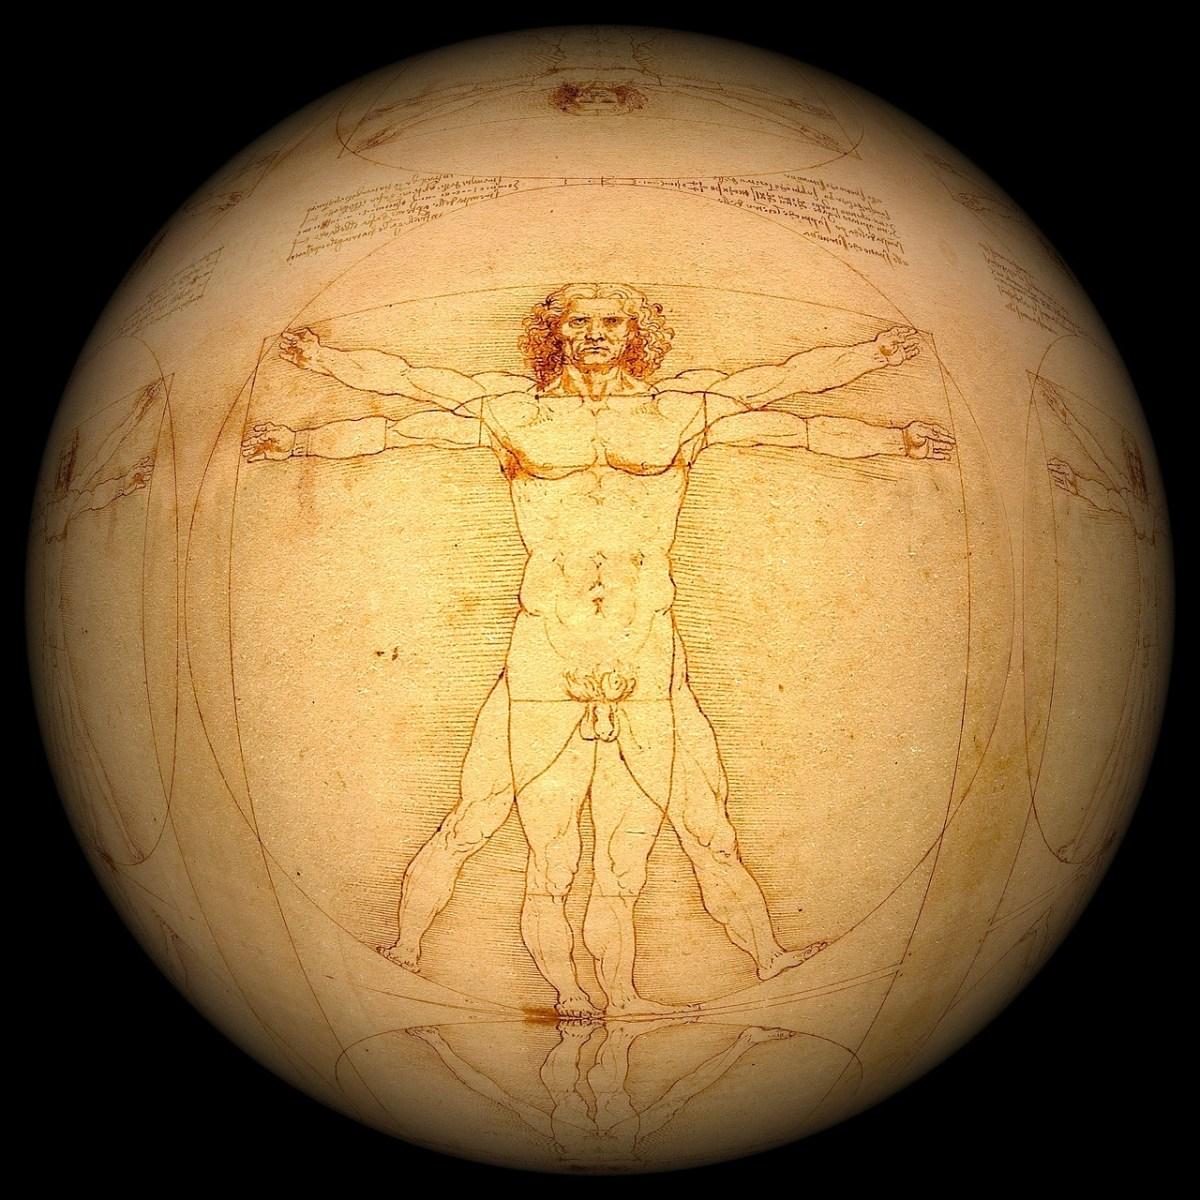 human, leonardo da vinci, the vitruvian man